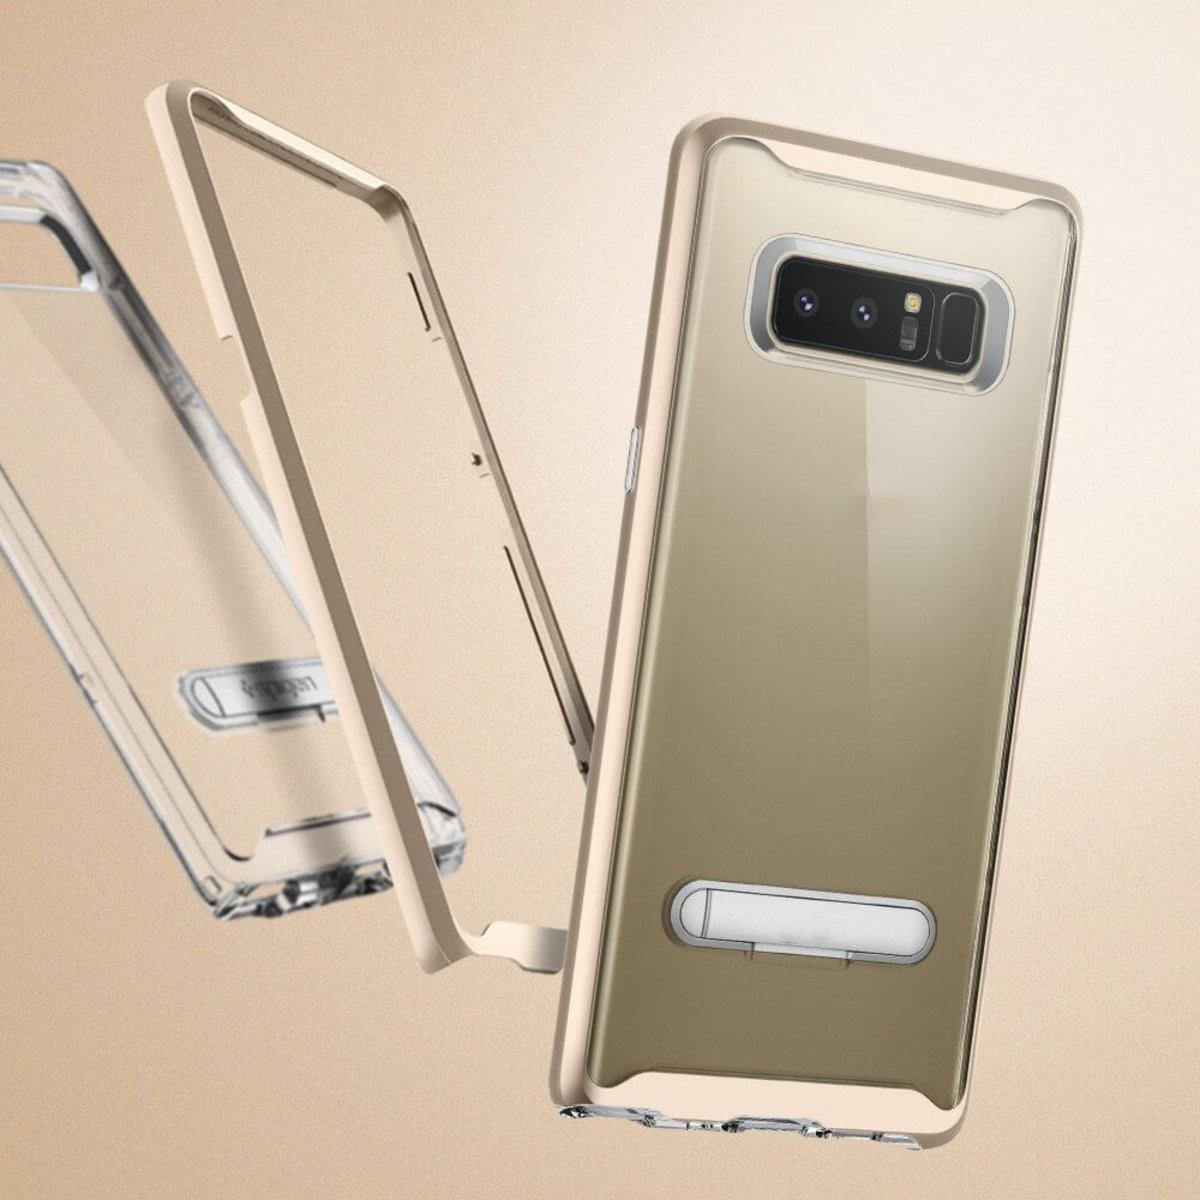 Galaxy Note 8 Case Crystal Hybrid Hd Wallpaper Spigen Original Casing Black Hktvmall Ping